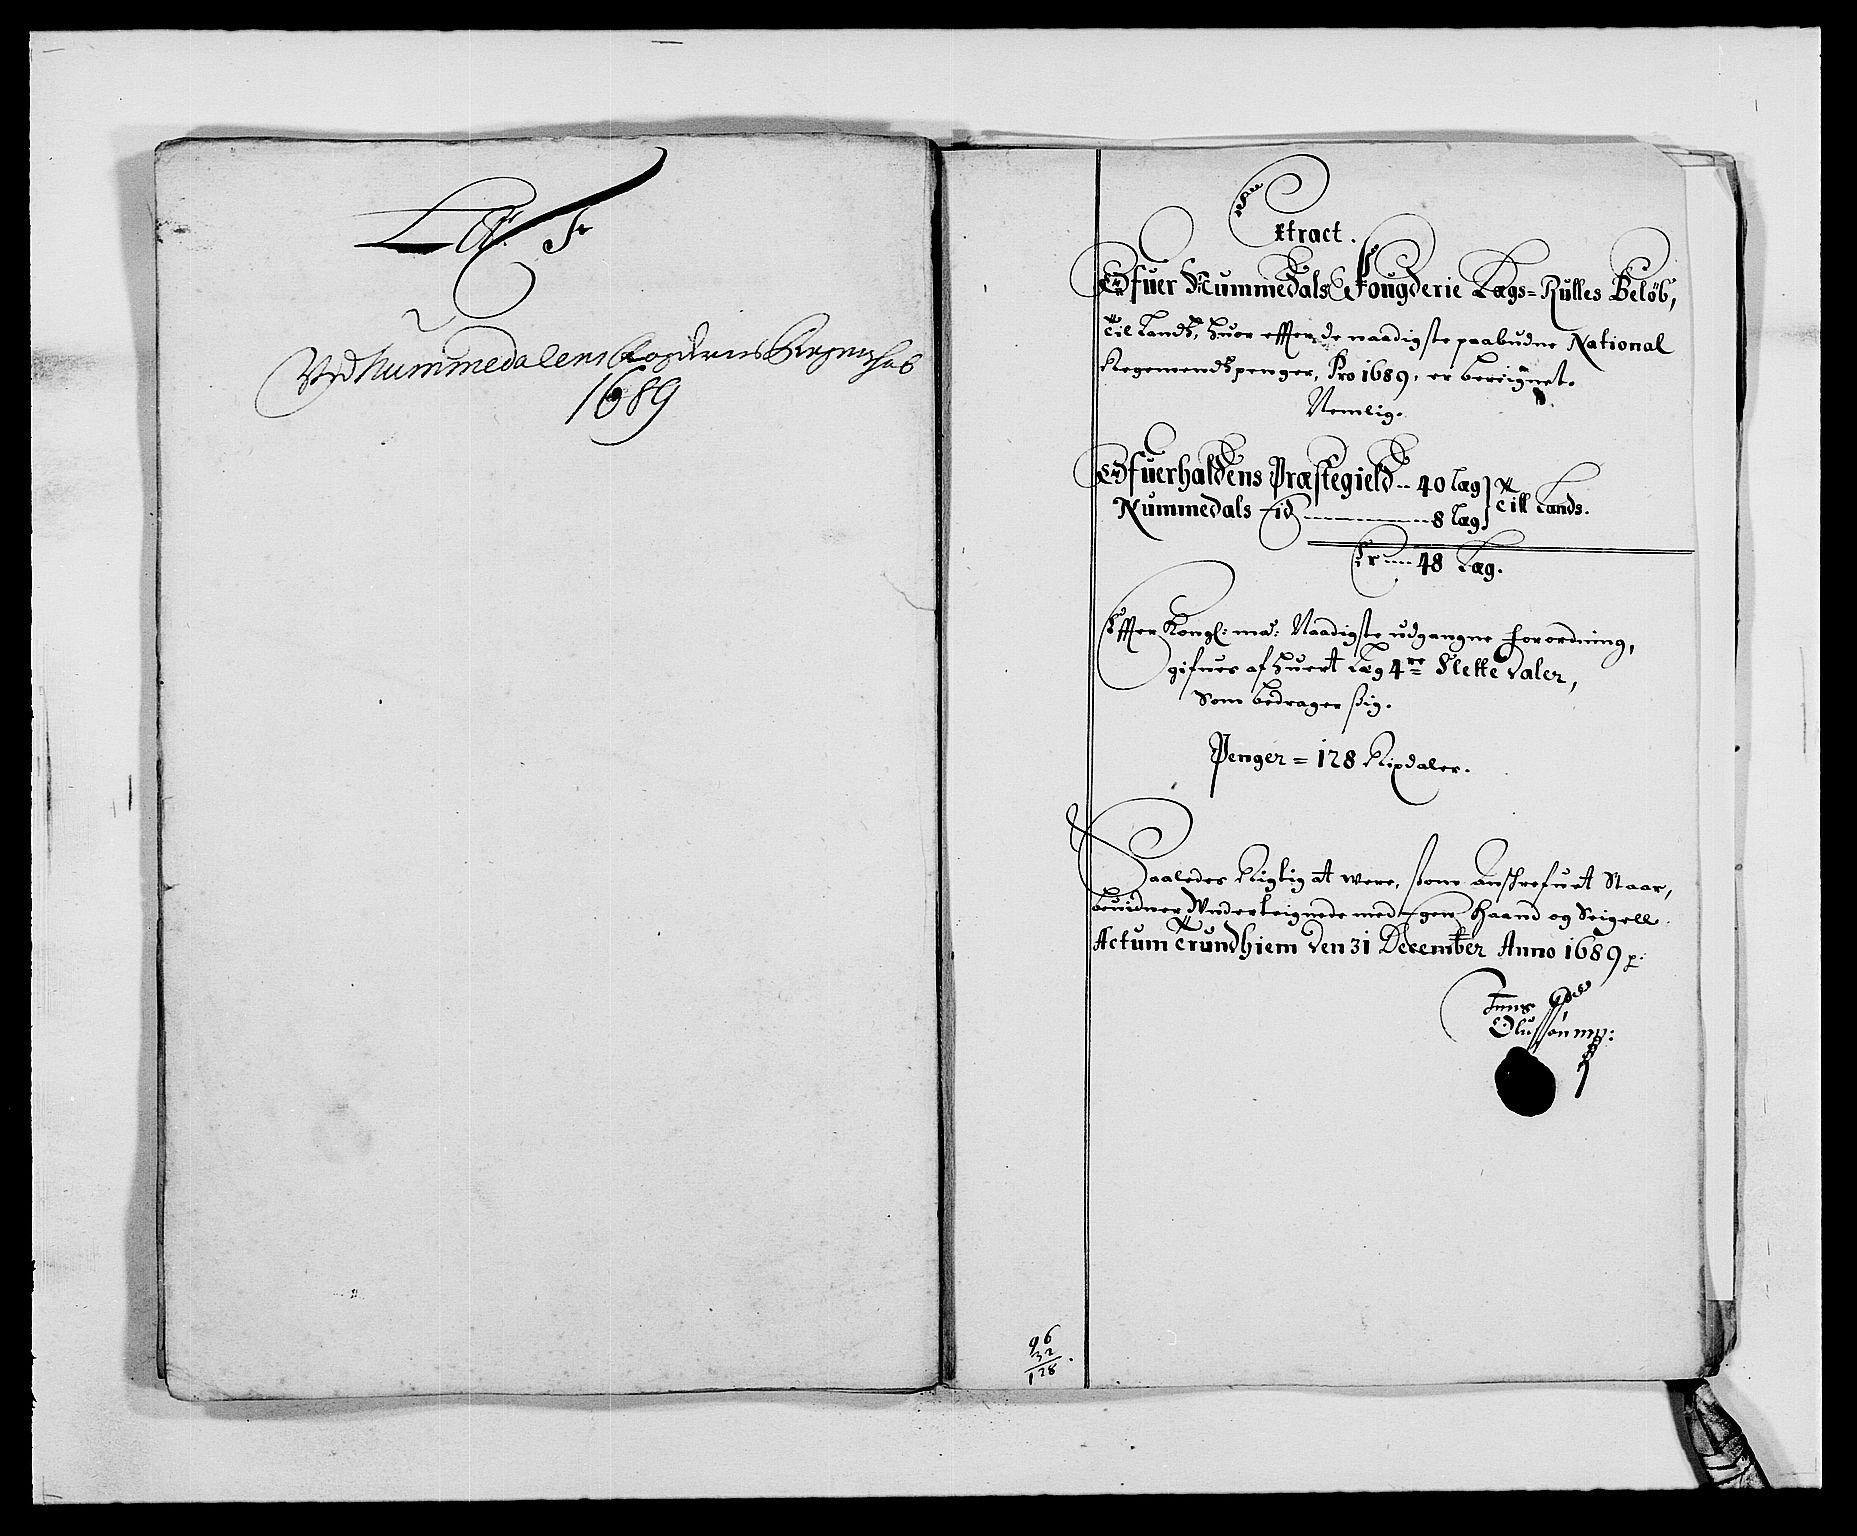 RA, Rentekammeret inntil 1814, Reviderte regnskaper, Fogderegnskap, R64/L4422: Fogderegnskap Namdal, 1687-1689, s. 228